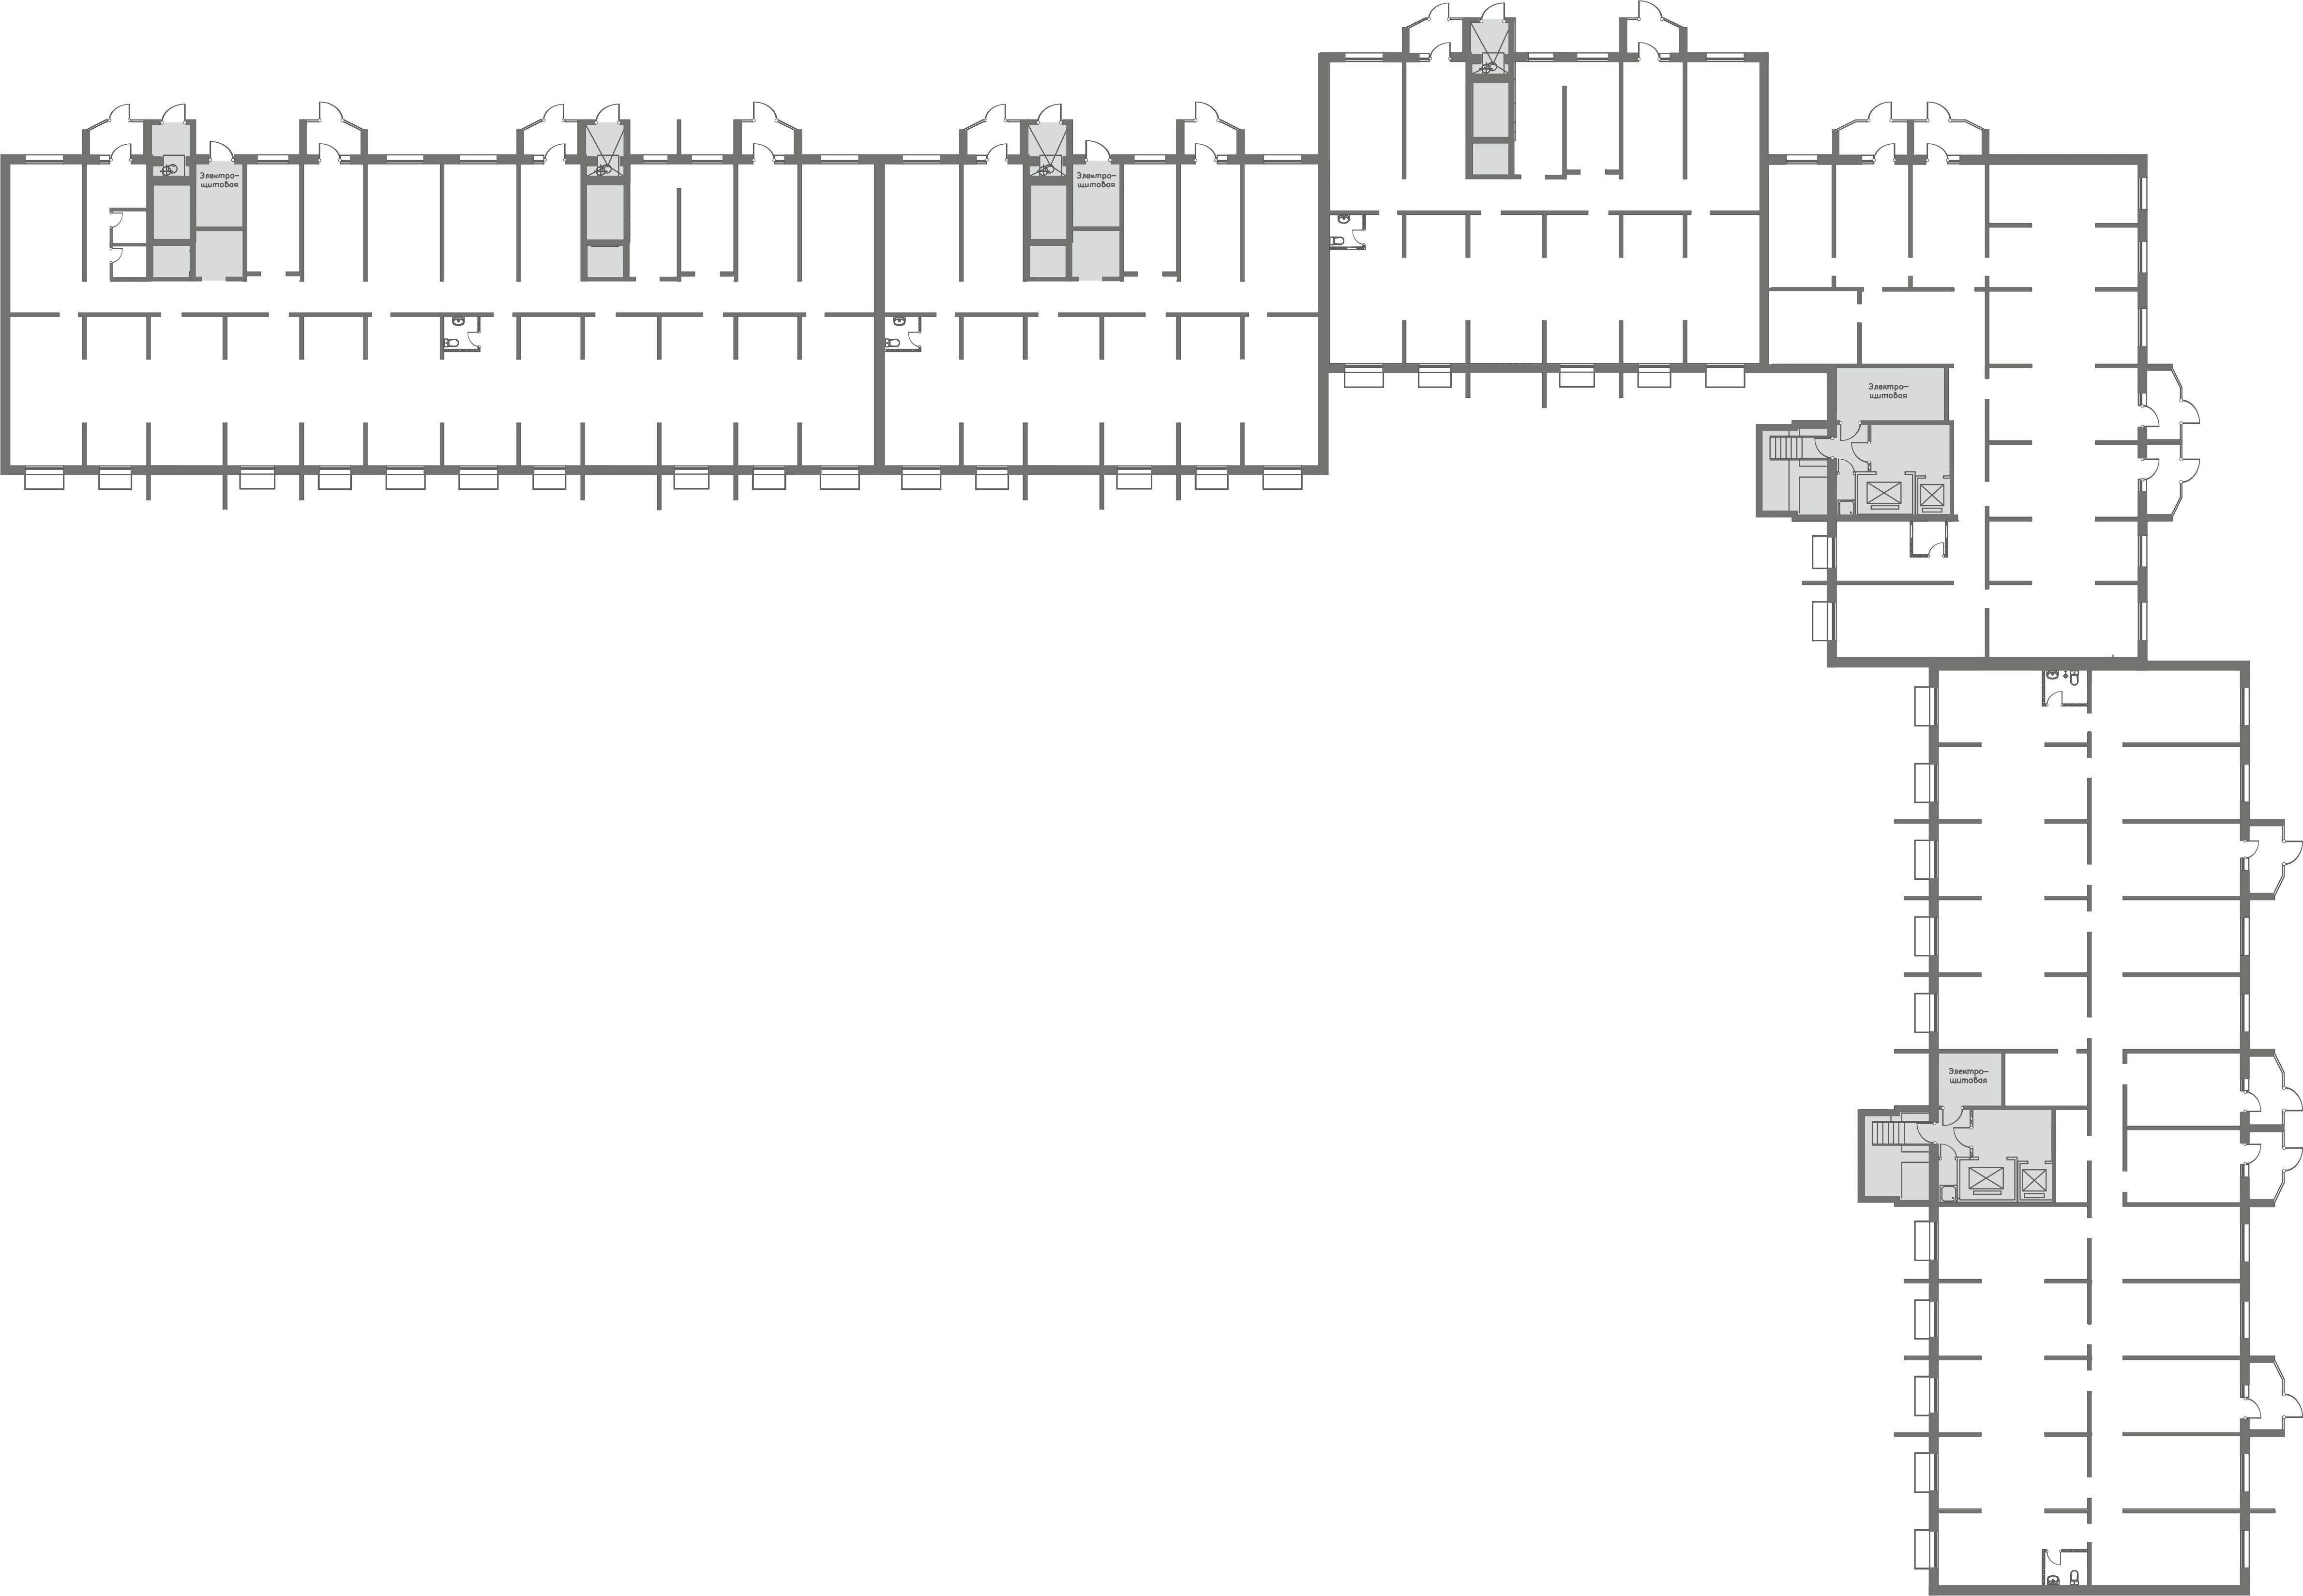 Коммерция Первый Зеленоградский Тверецкий проезд, 16 корп. 1 этаж -1